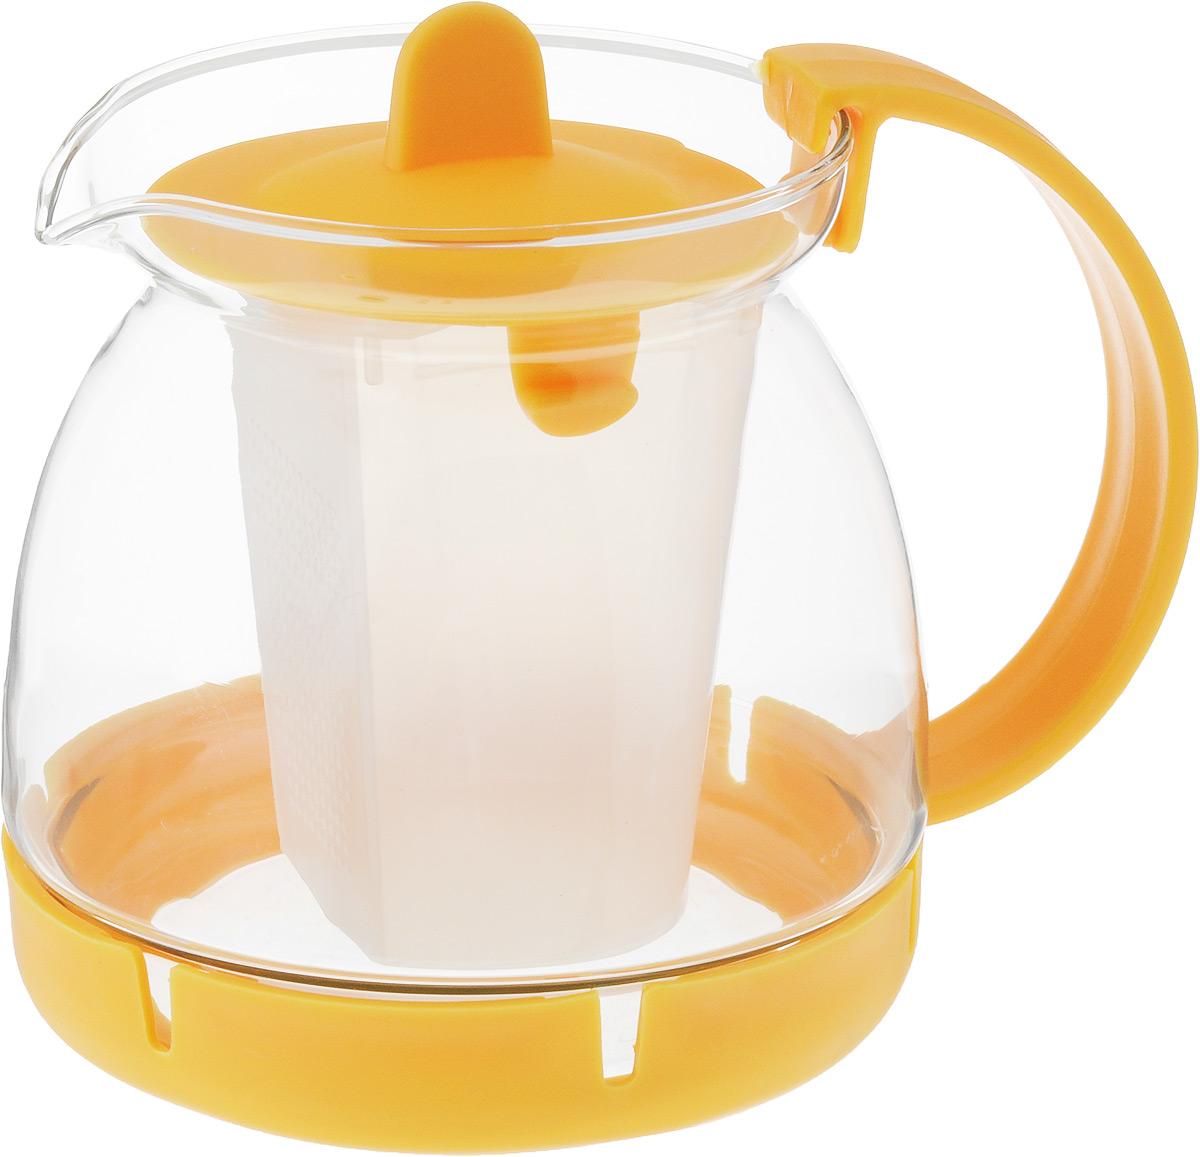 Чайник заварочный Mayer & Boch, с фильтром, 800 мл26175-2Чайник заварочный Mayer & Boch изготовлен из термостойкого боросиликатного стекла, фильтр выполнены из полипропилена. Изделия изстекла не впитывают запахи, благодаря чему вы всегда получите натуральный, насыщенный вкус и аромат напитков. Заварочный чайник изстекла удобно использовать для повседневного заваривания чая практически любого сорта. Но цветочные, фруктовые, красные и желтые сортачая лучше других раскрывают свой вкус и аромат при заваривании именно в стеклянных чайниках, а также сохраняют все полезные ферменты ивитамины, содержащиеся в чайных листах. Фильтр гарантирует прозрачность и чистоту напитка от чайных листьев, при этом сохранив букет инасыщенность чая. Прозрачные стенки чайника дают возможность насладиться насыщенным цветом заваренного чая. Изящный заварочныйчайник Mayer & Boch будет прекрасно смотреться в любом интерьере. Подходит для мытья в посудомоечной машине.Объем: 800 мл.